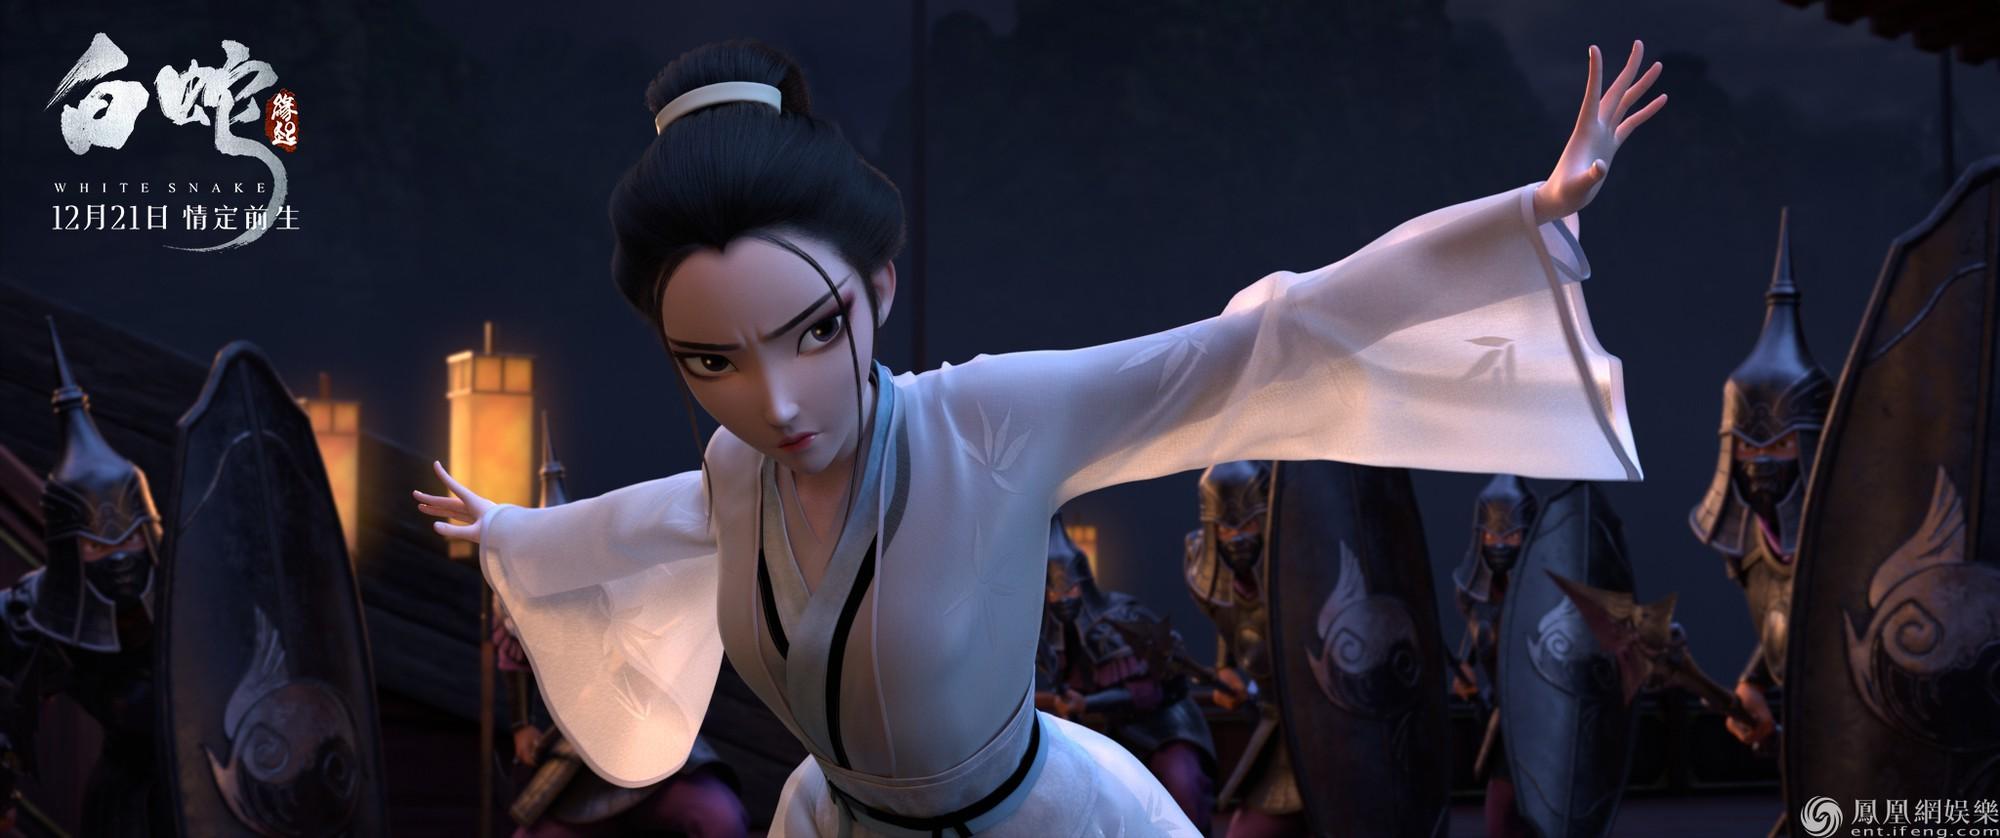 Chị em Thanh Xà - Bạch Xà giờ đã xuất hiện ở phiên bản hoạt hình Hollywood - Ảnh 4.